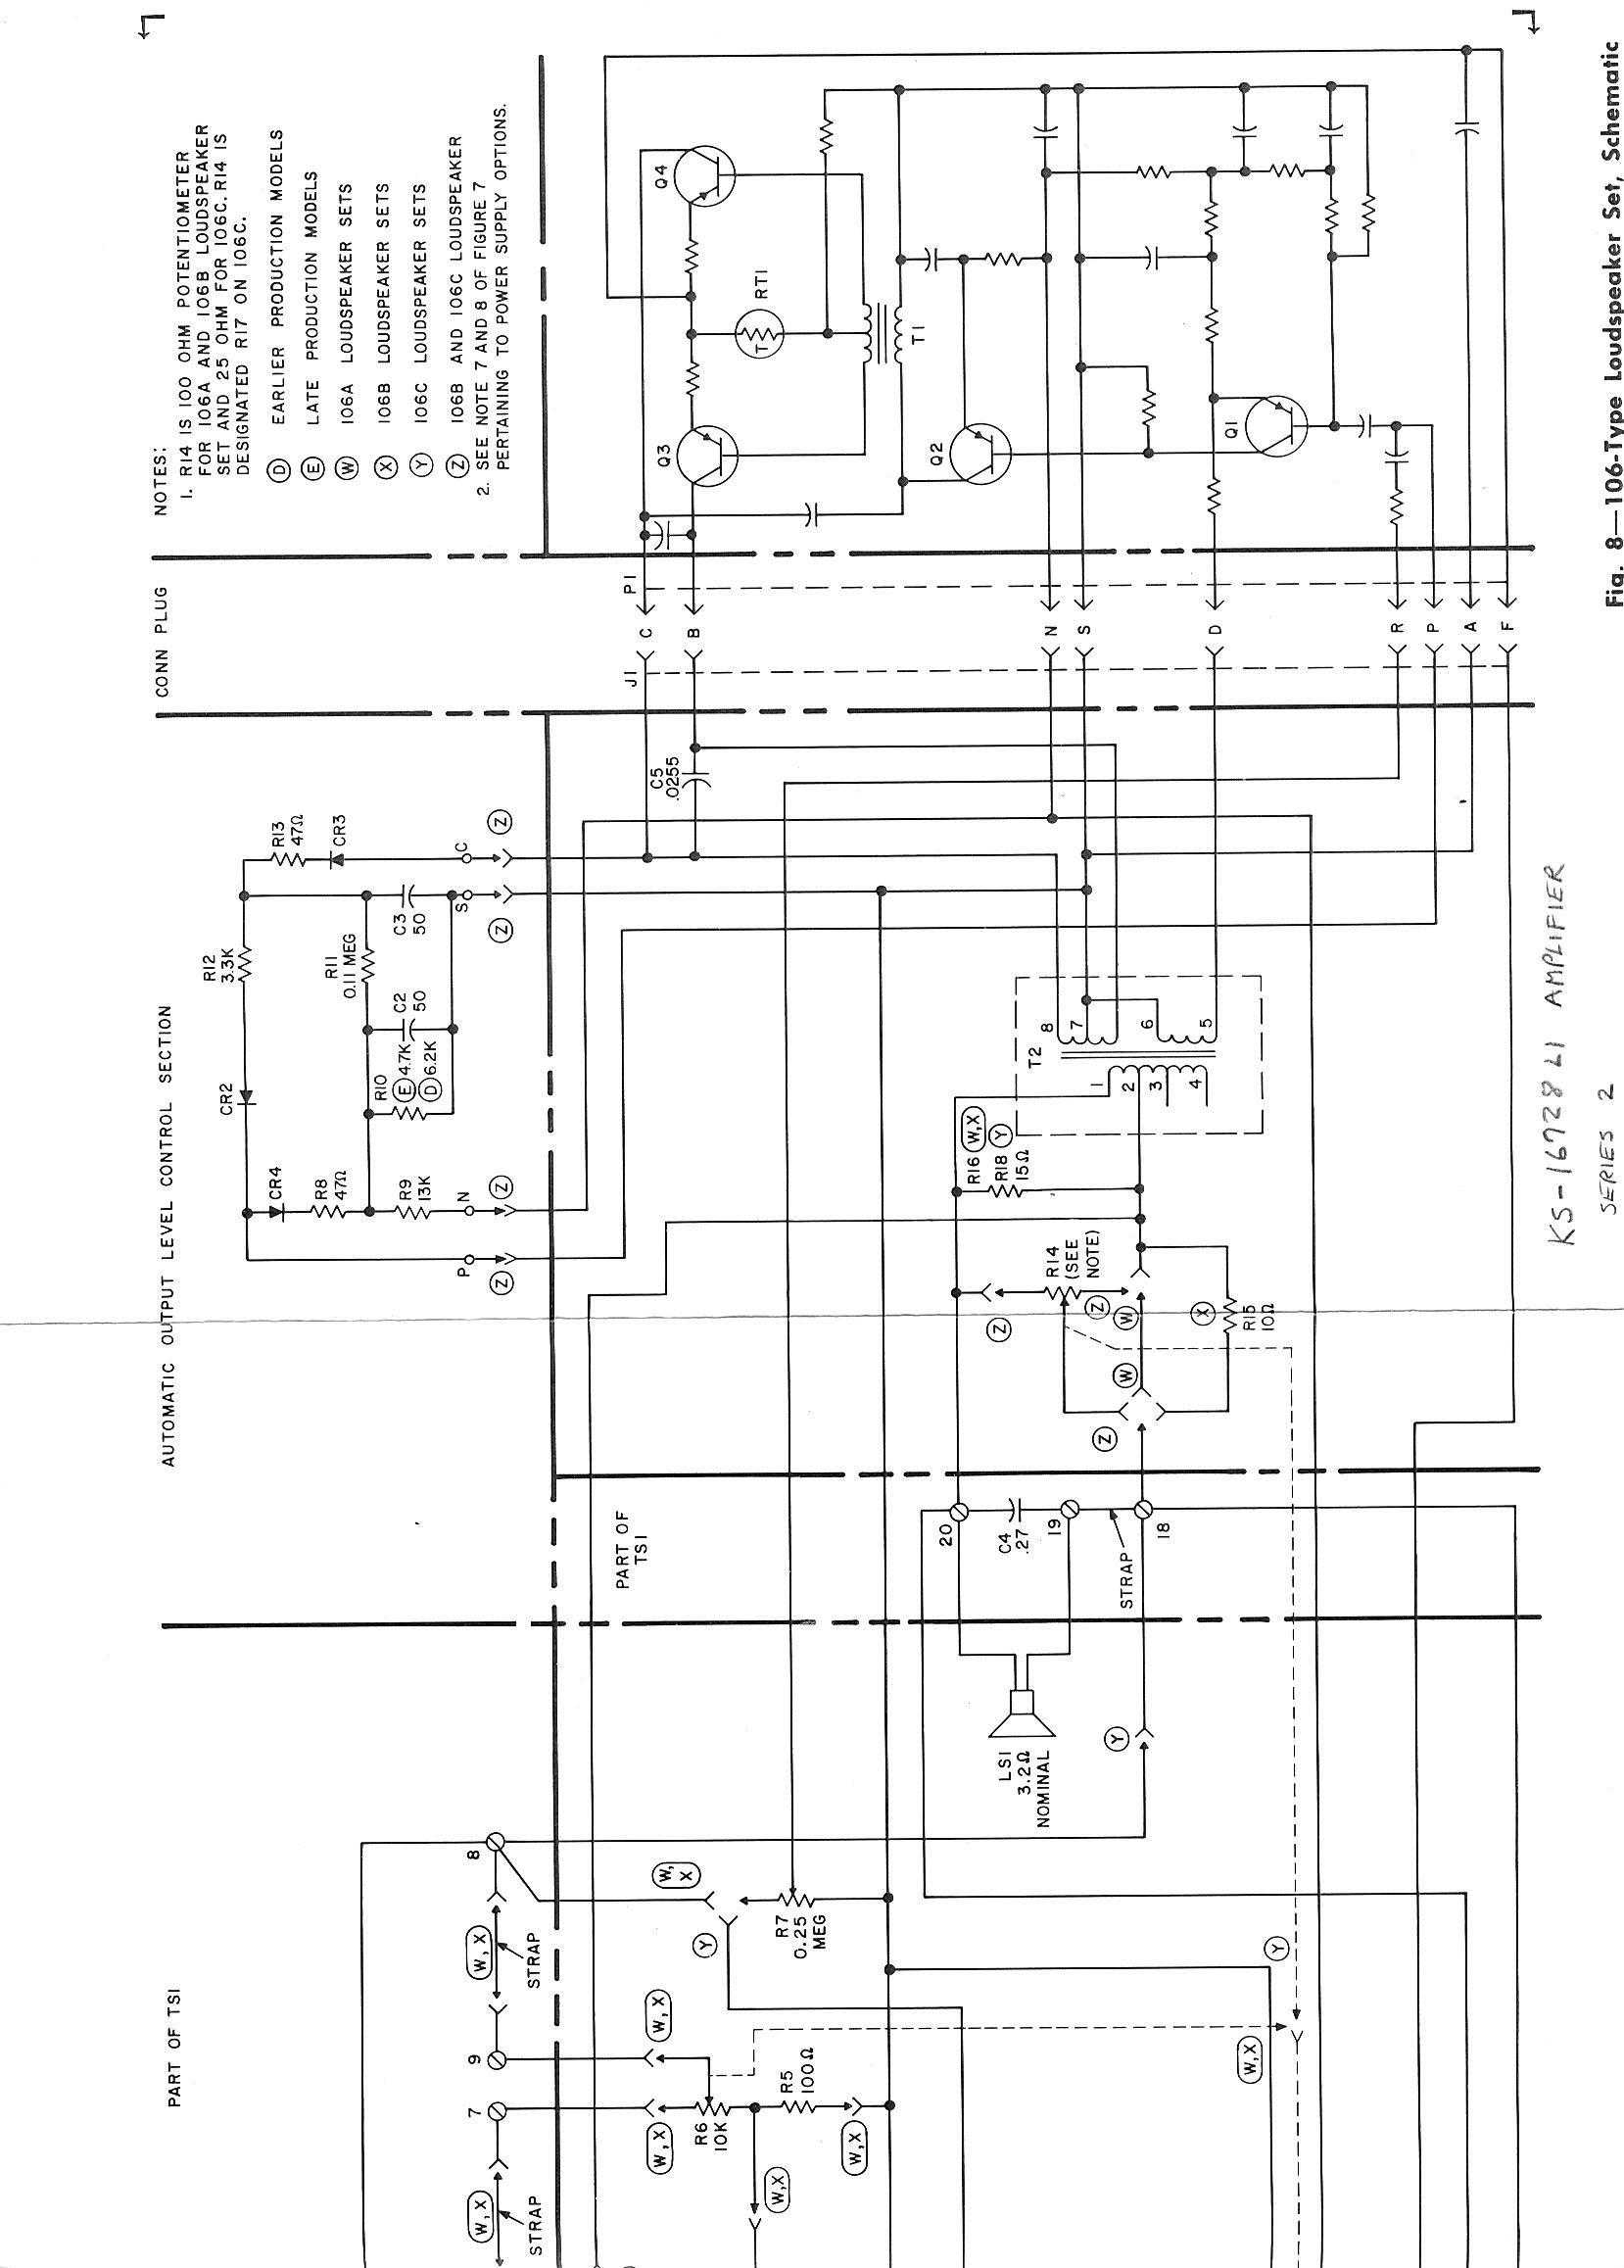 Antique Phone Wiring Diagram